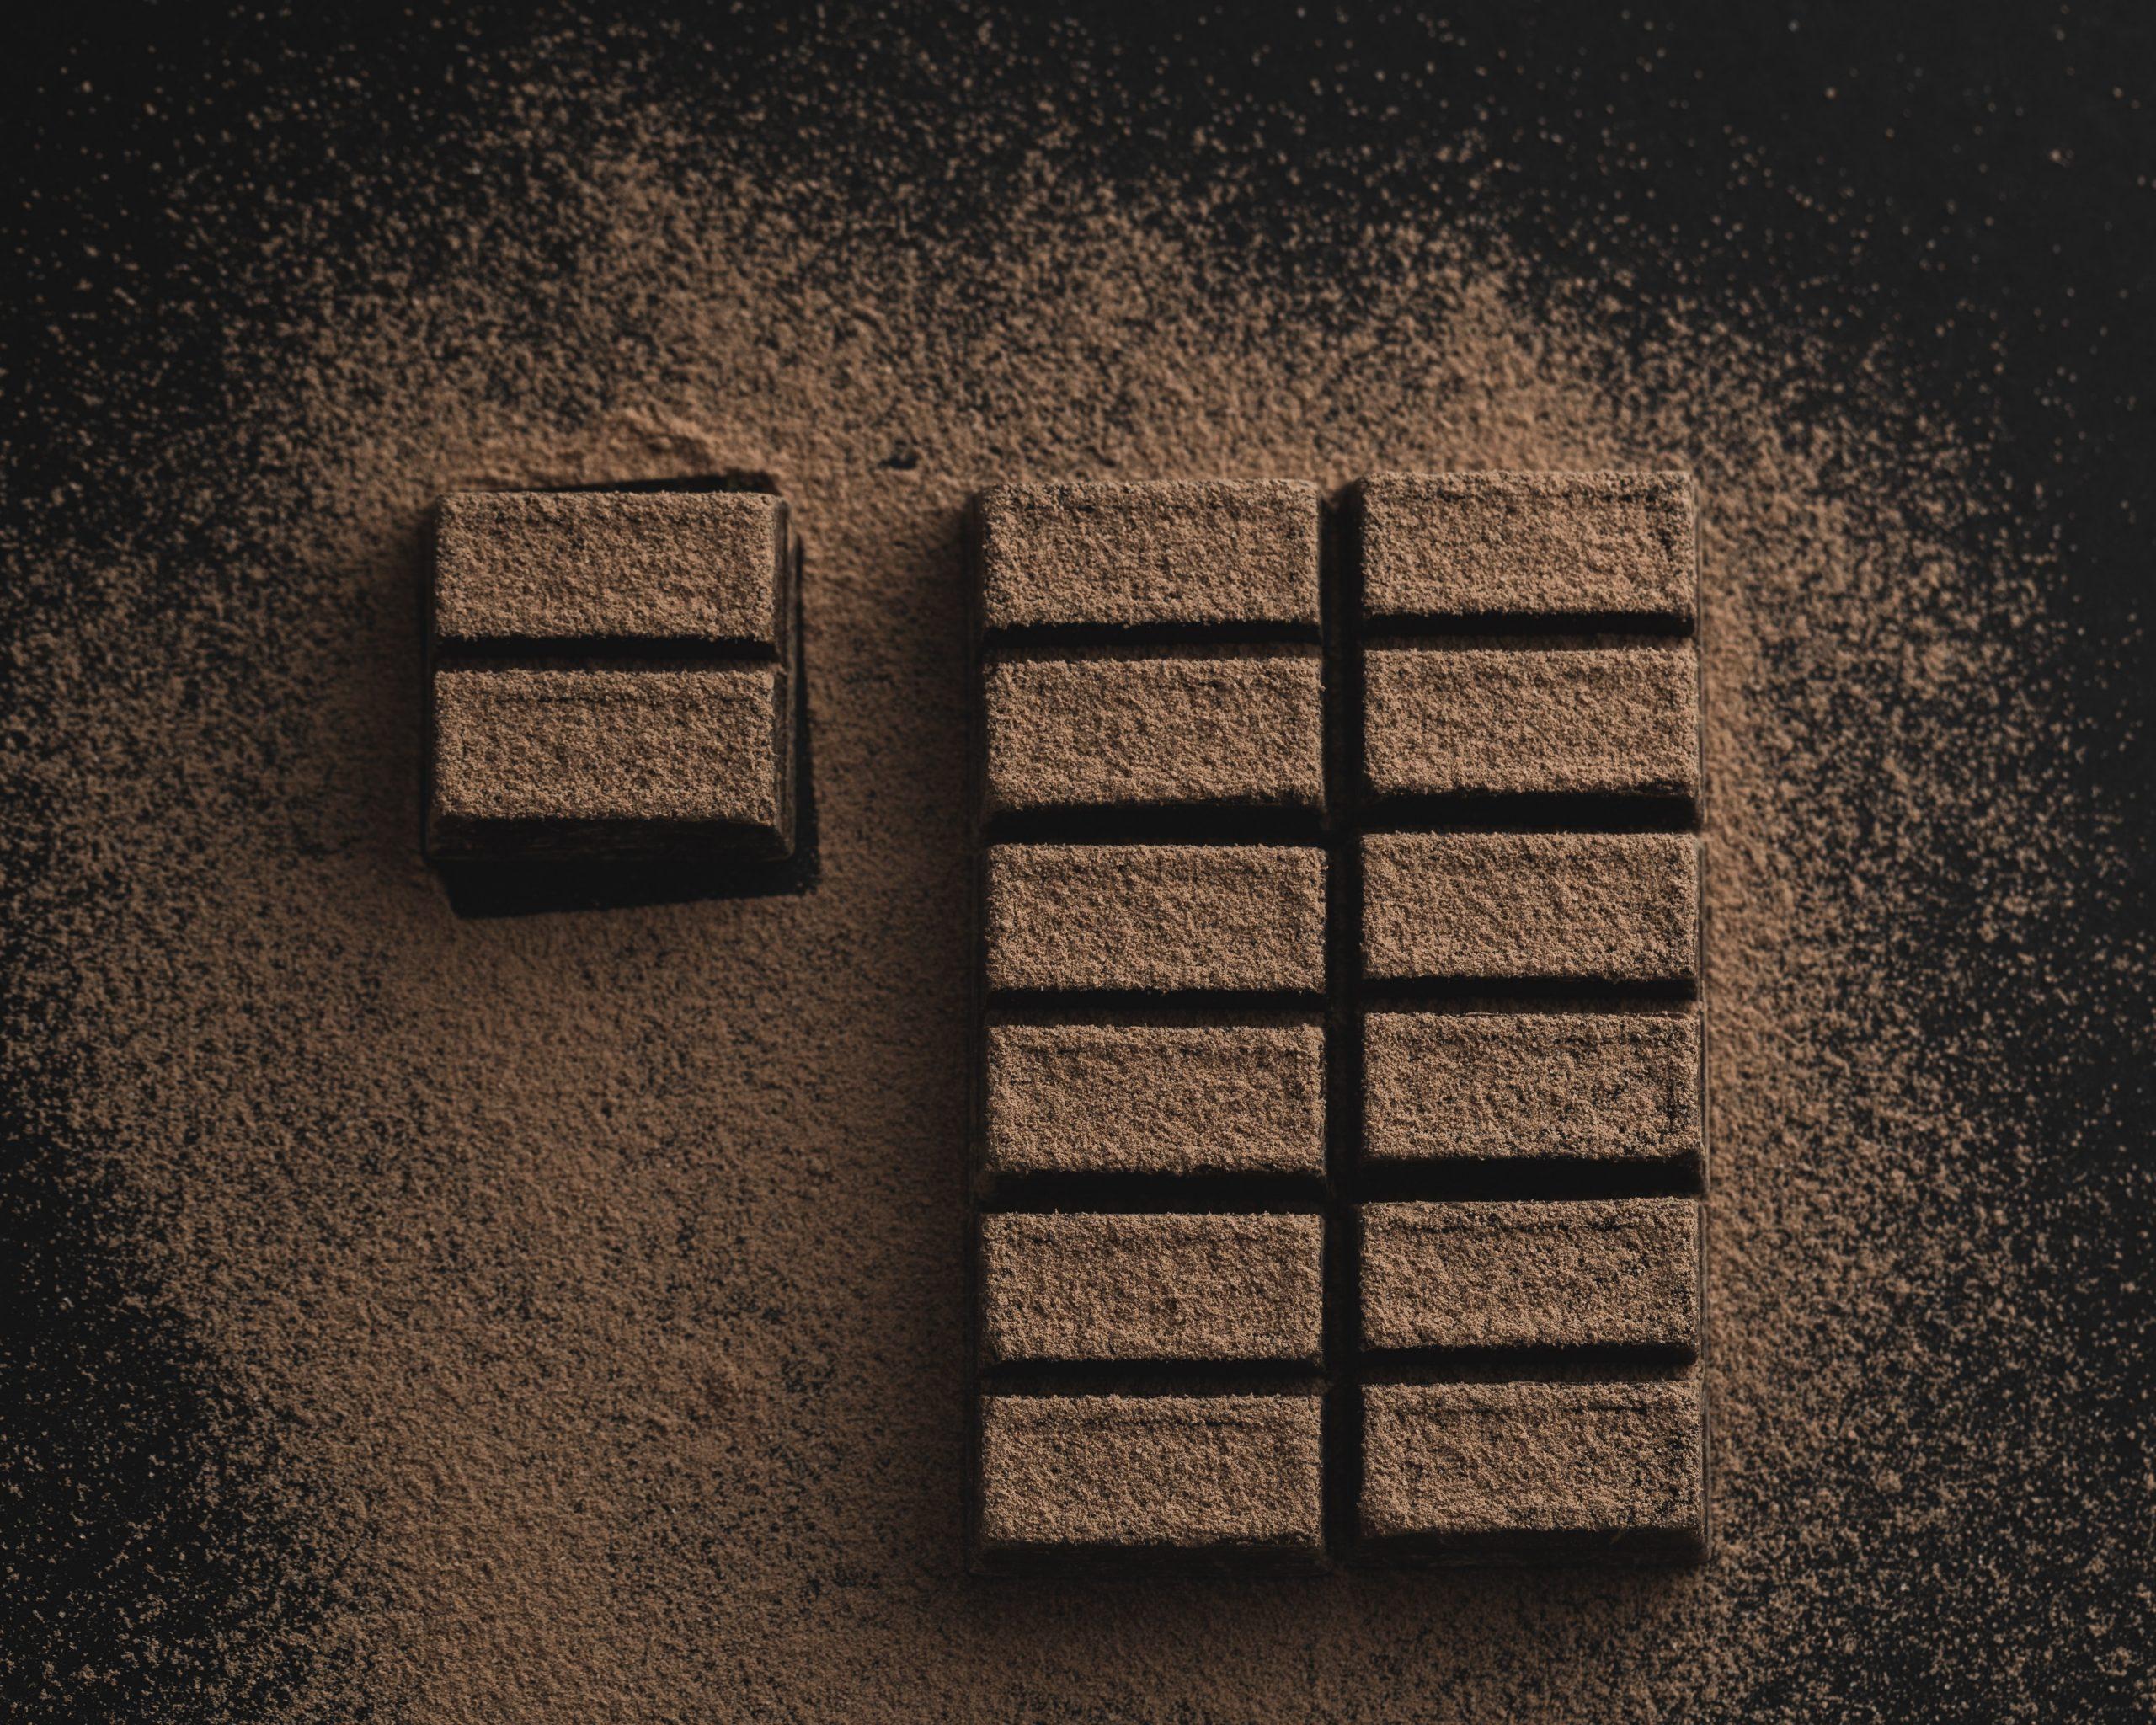 Sondage sur la consommation de chocolat avec une mention de type « peut contenir... »